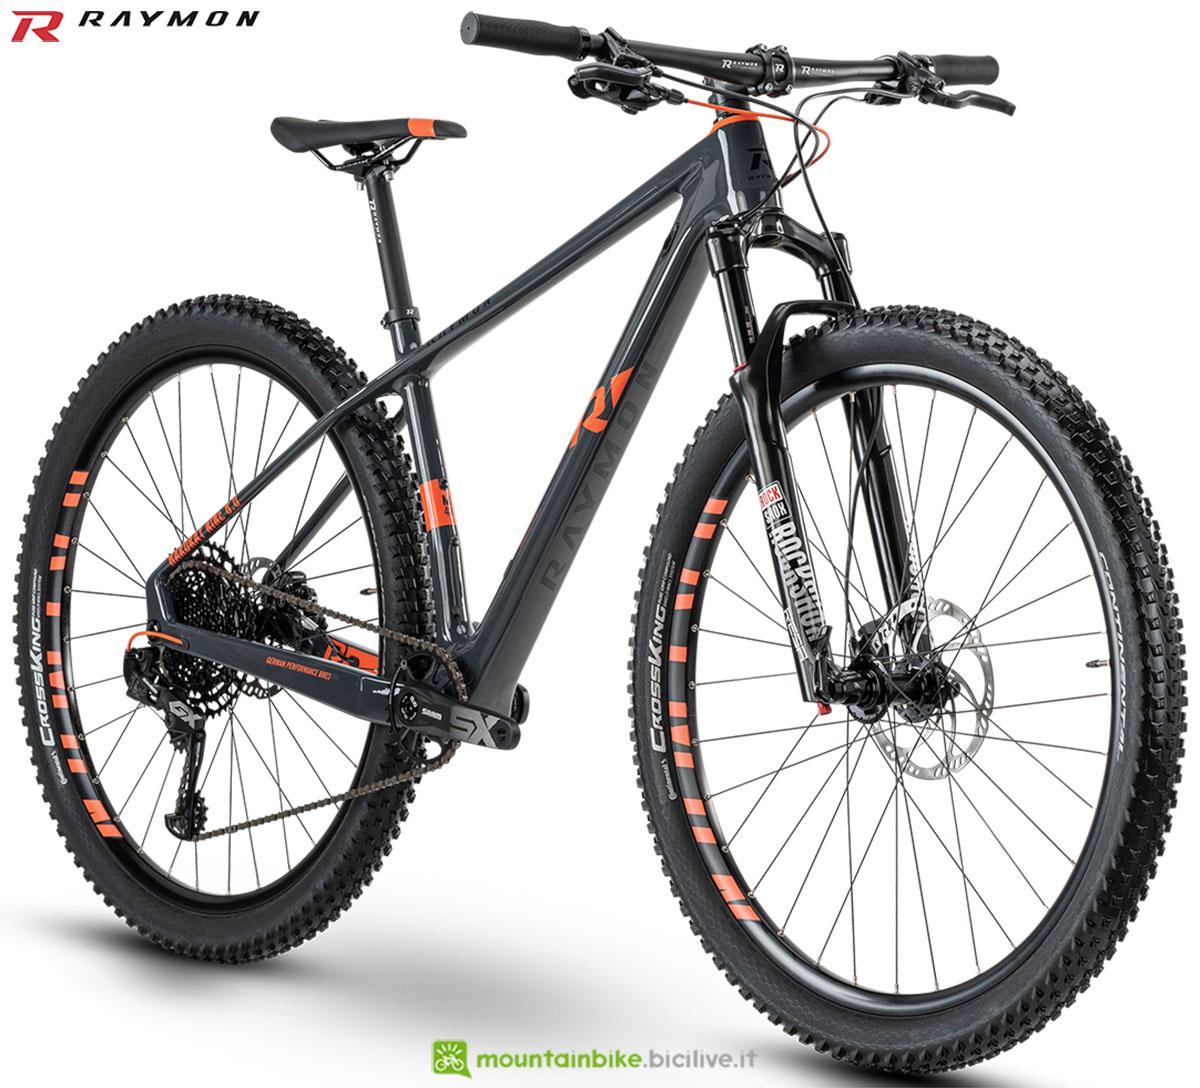 Una bici mtb R Raymon Hardray Nine 8.0 Carbon 2020